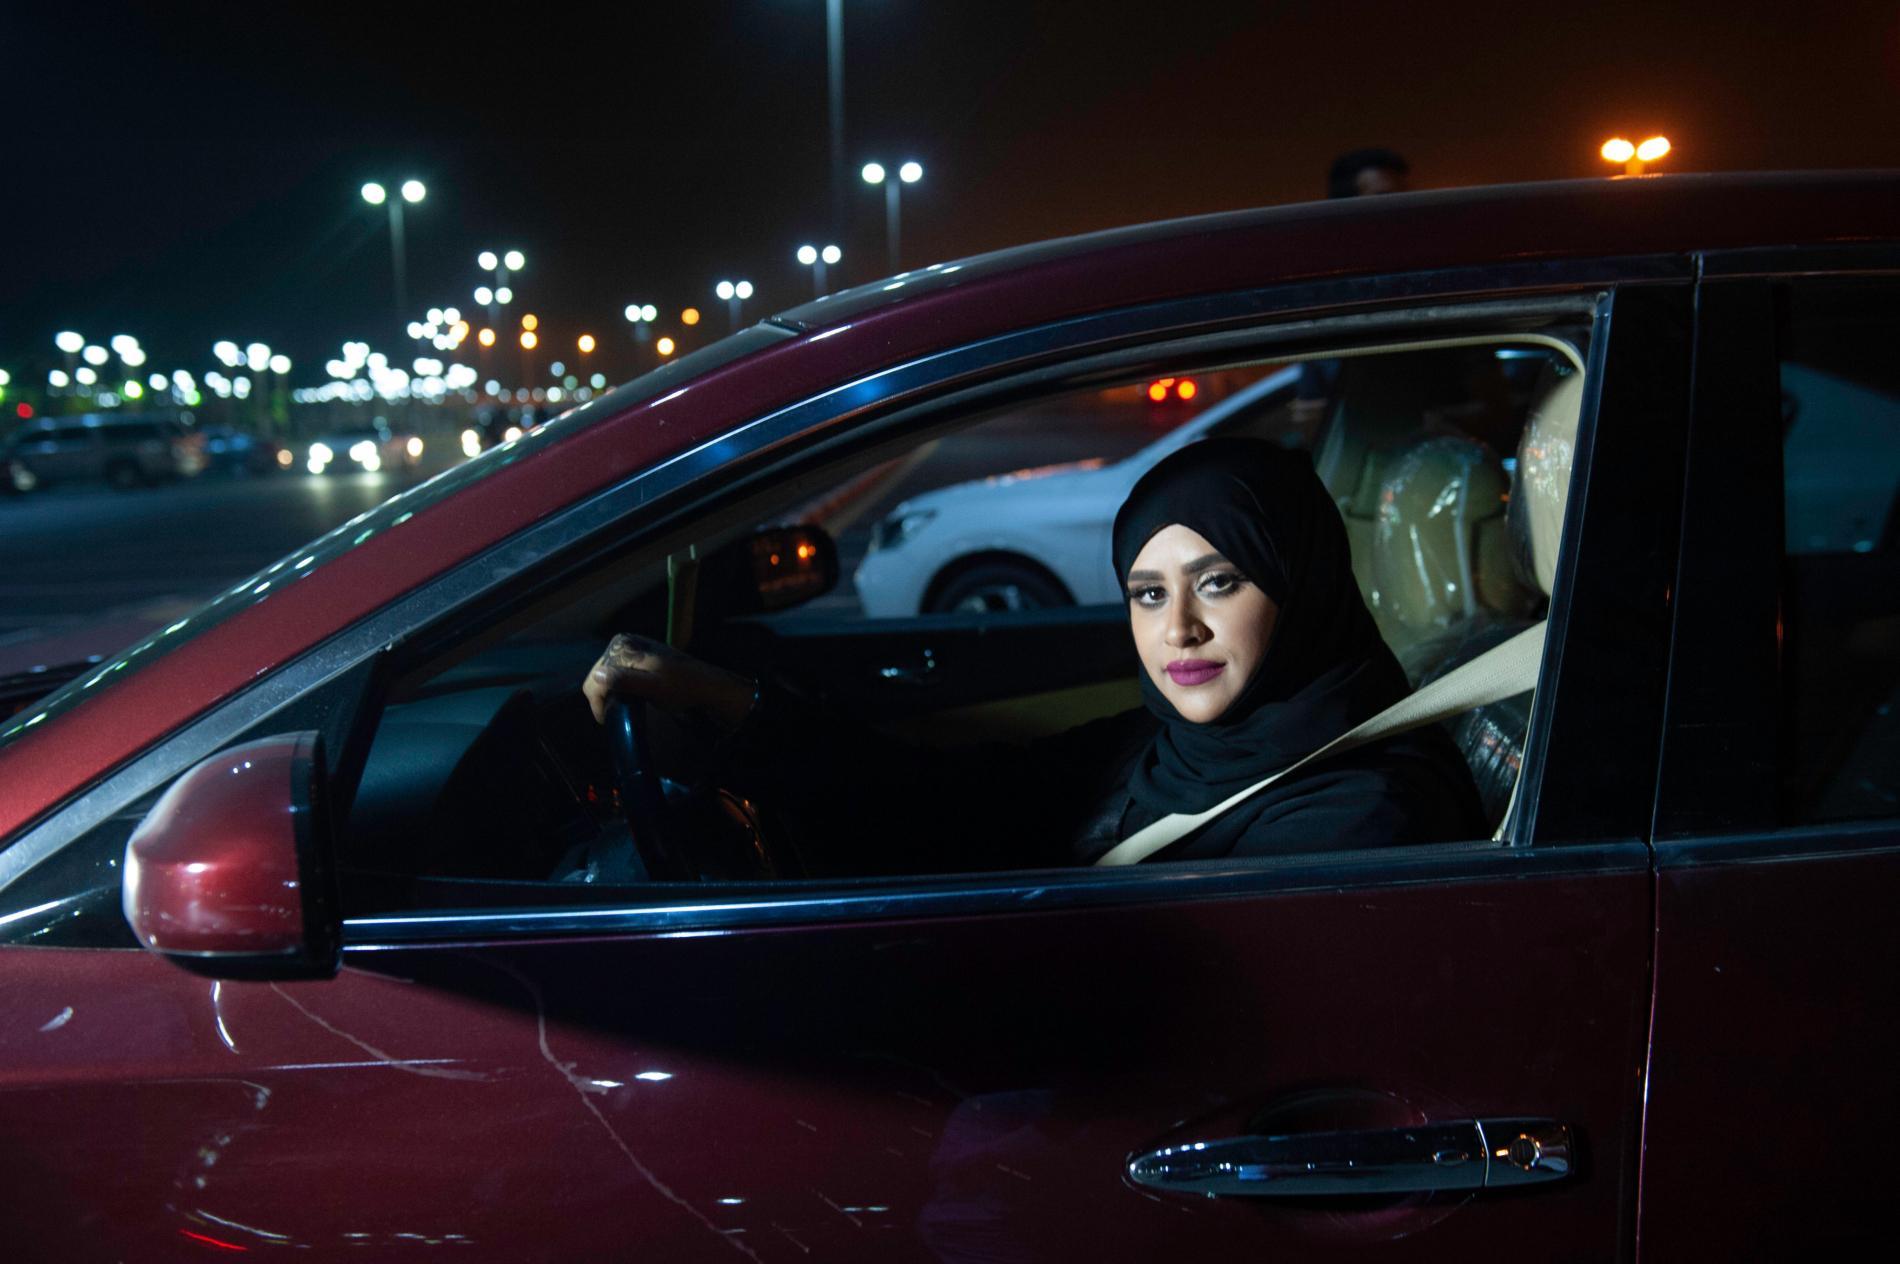 """Résultat de recherche d'images pour """"arabie saoudite voiture femme"""""""